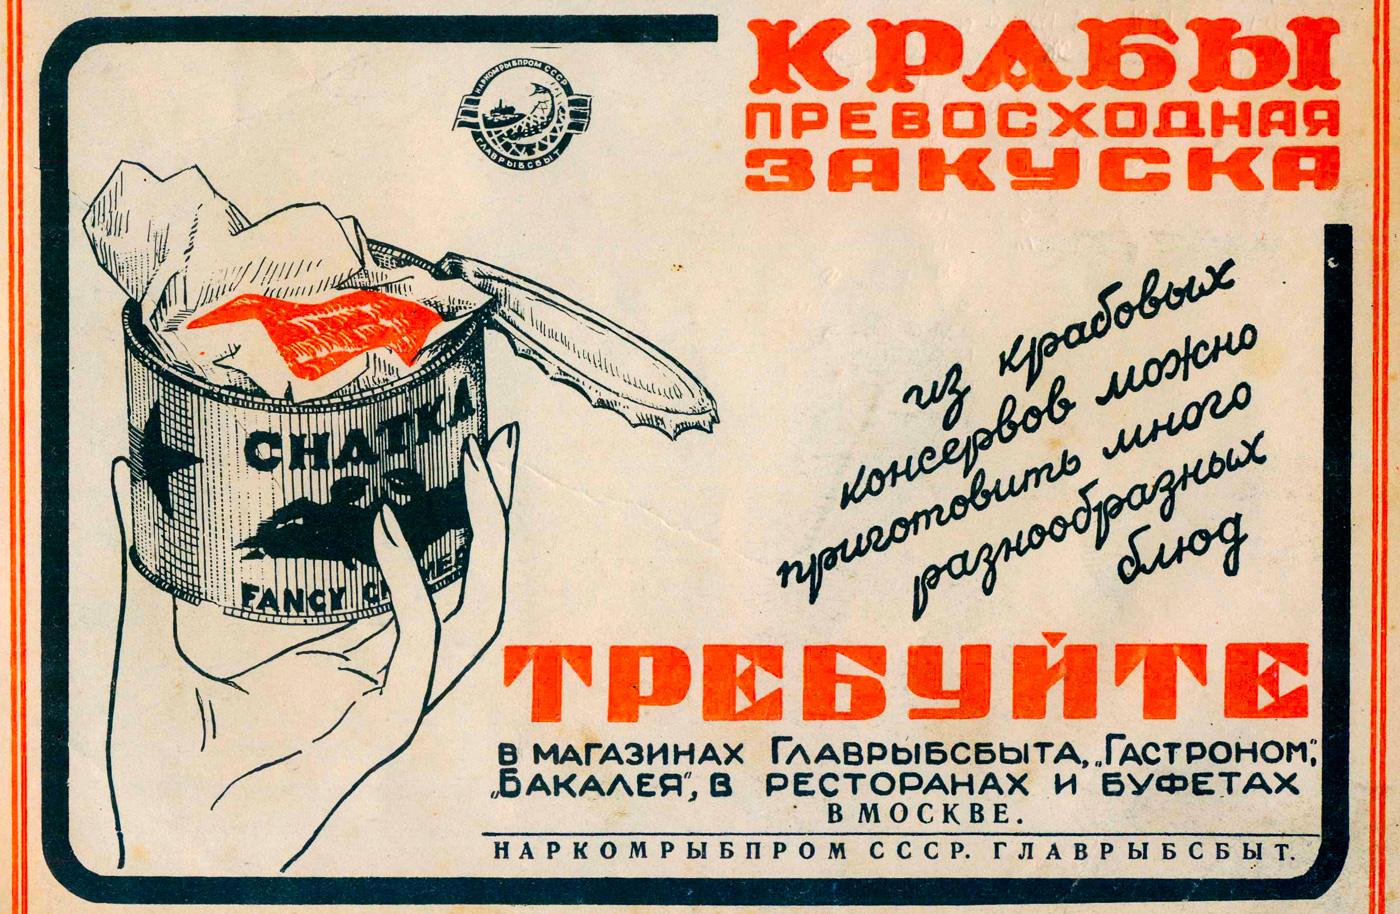 """""""Крабы превосходная закуска"""", СССР, 1939 год"""